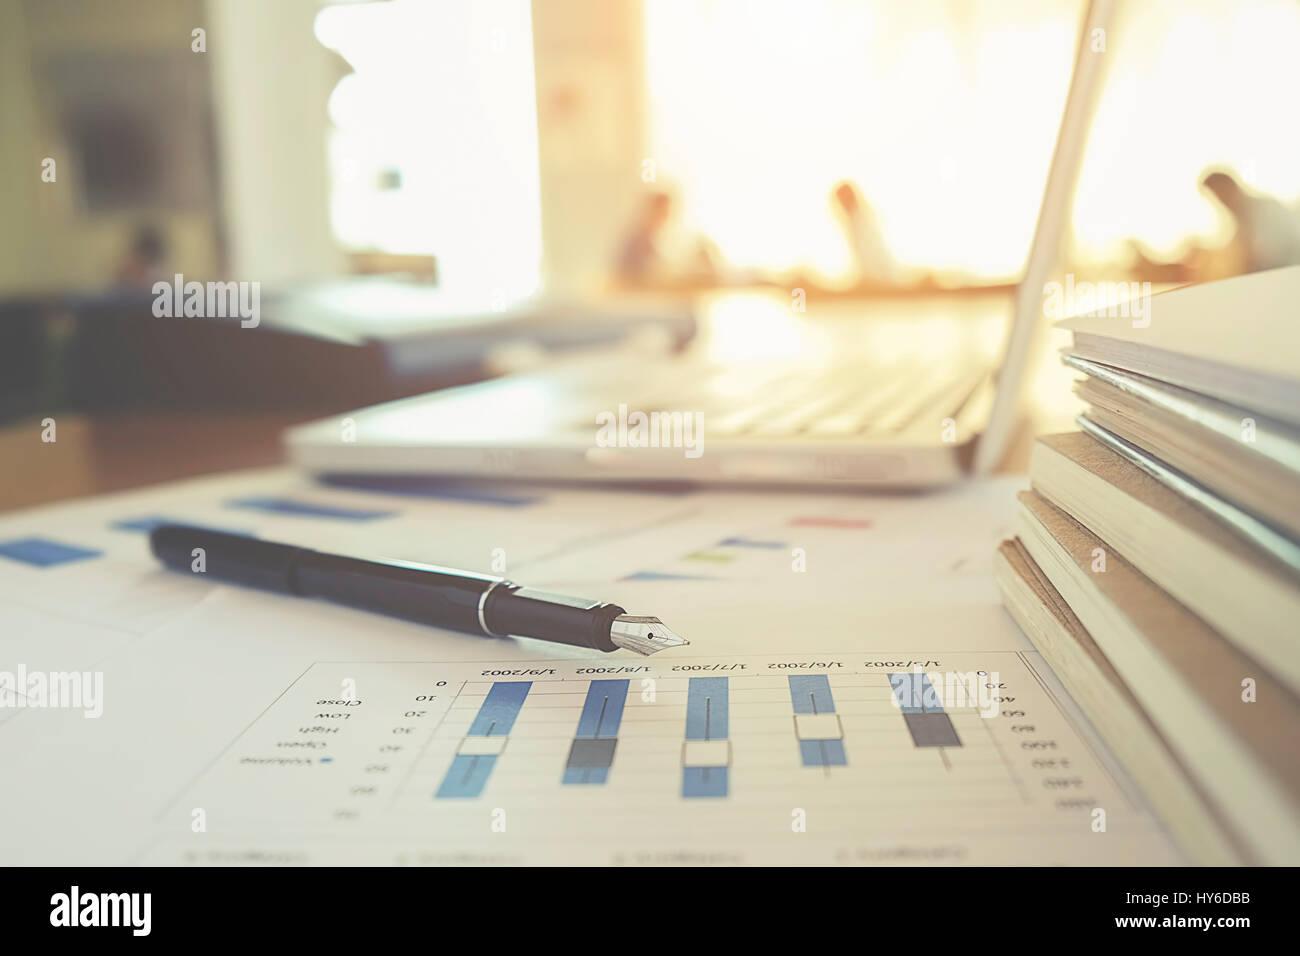 Geschäftskonzept mit Textfreiraum. Büro Schreibtisch Tisch mit Stift-Fokus und Analyse-Diagramm, Computer, Stockbild